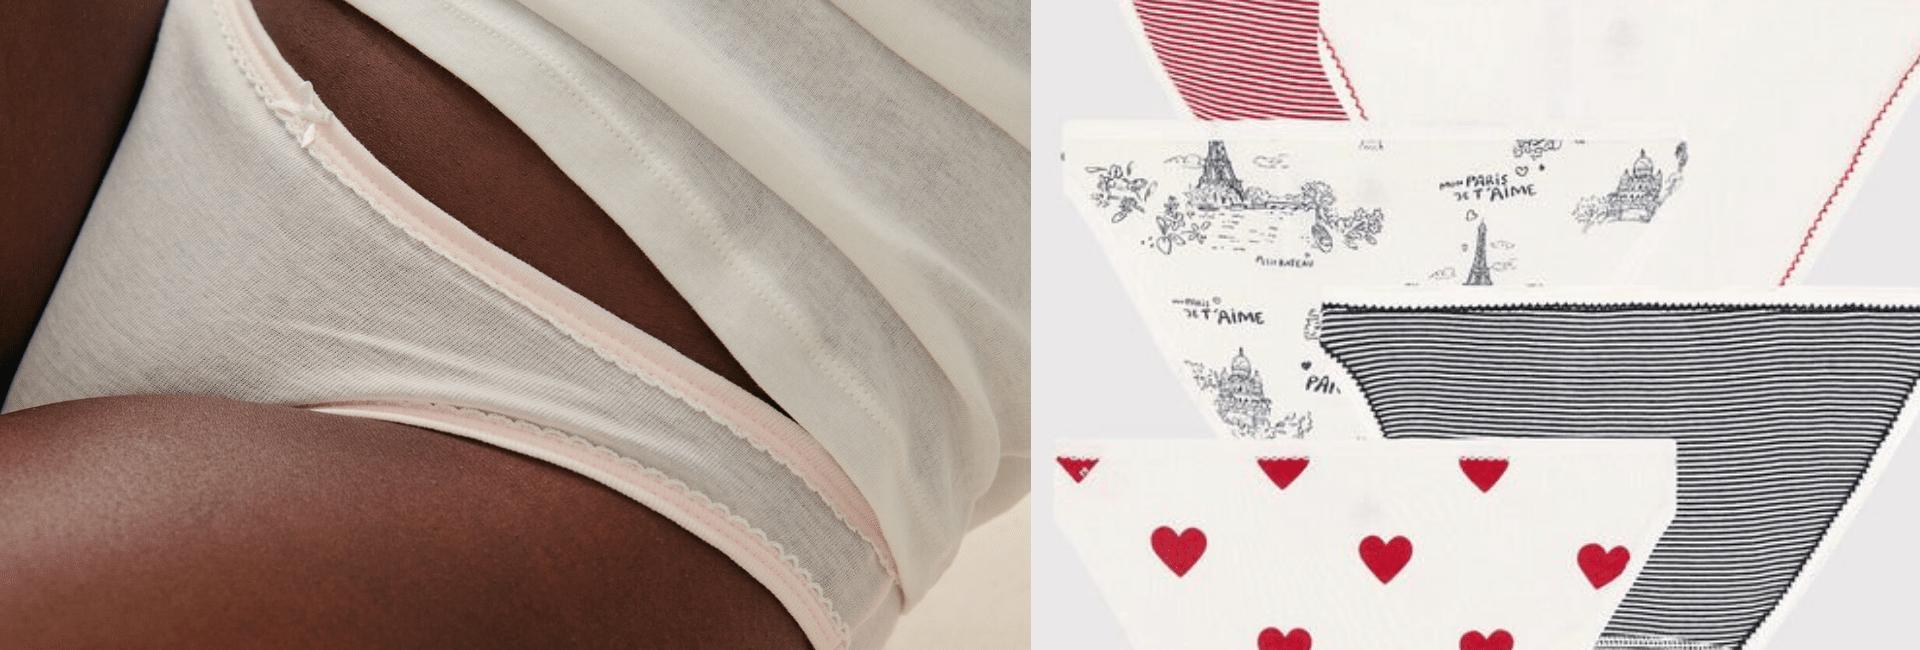 Les culottes Petit Bateau, une valeur sûre depuis plus de cent ans